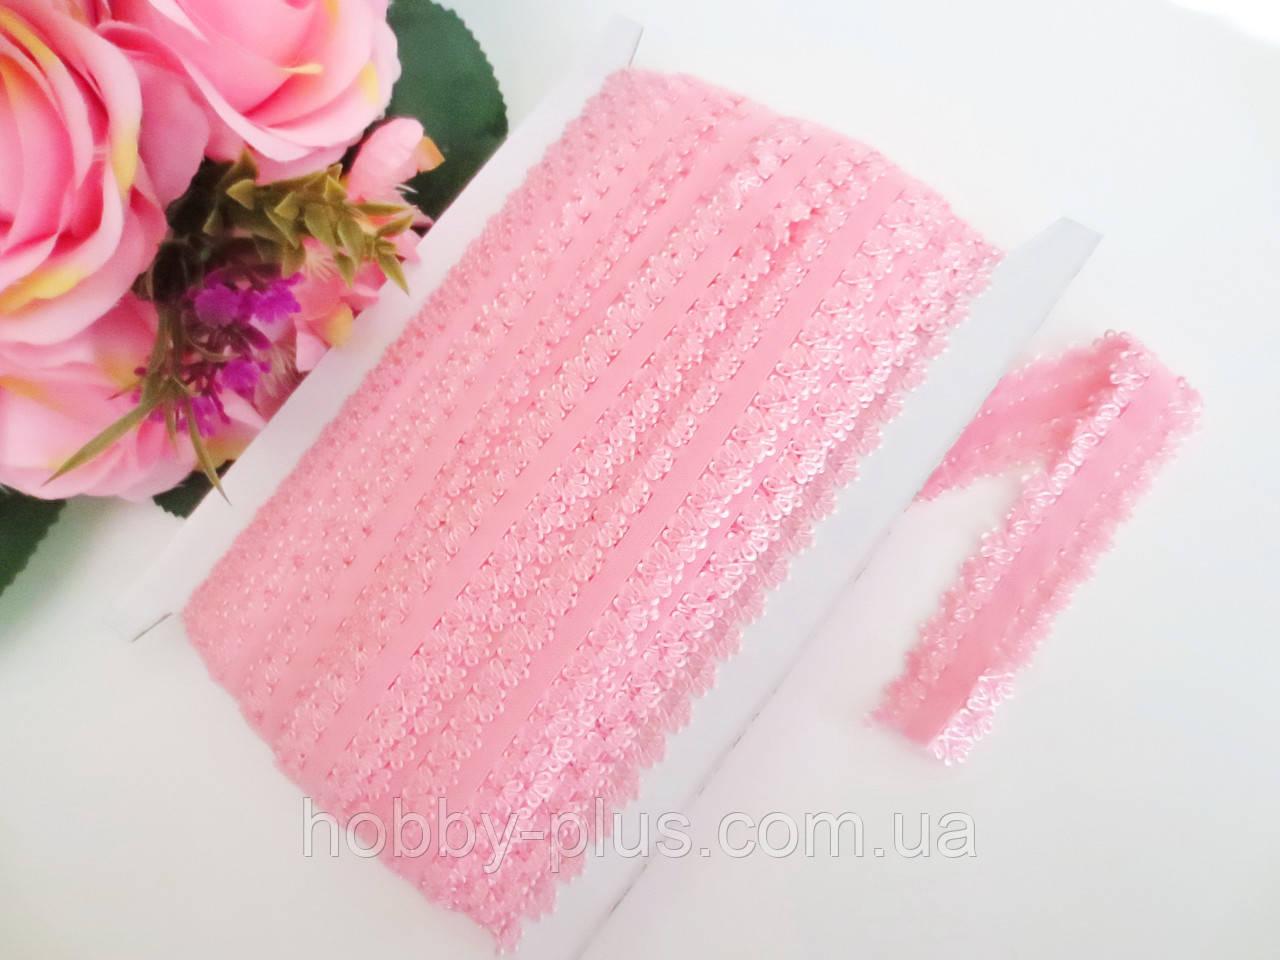 Бейка-резинка ажурная для повязок, светло-розовый, 23 мм